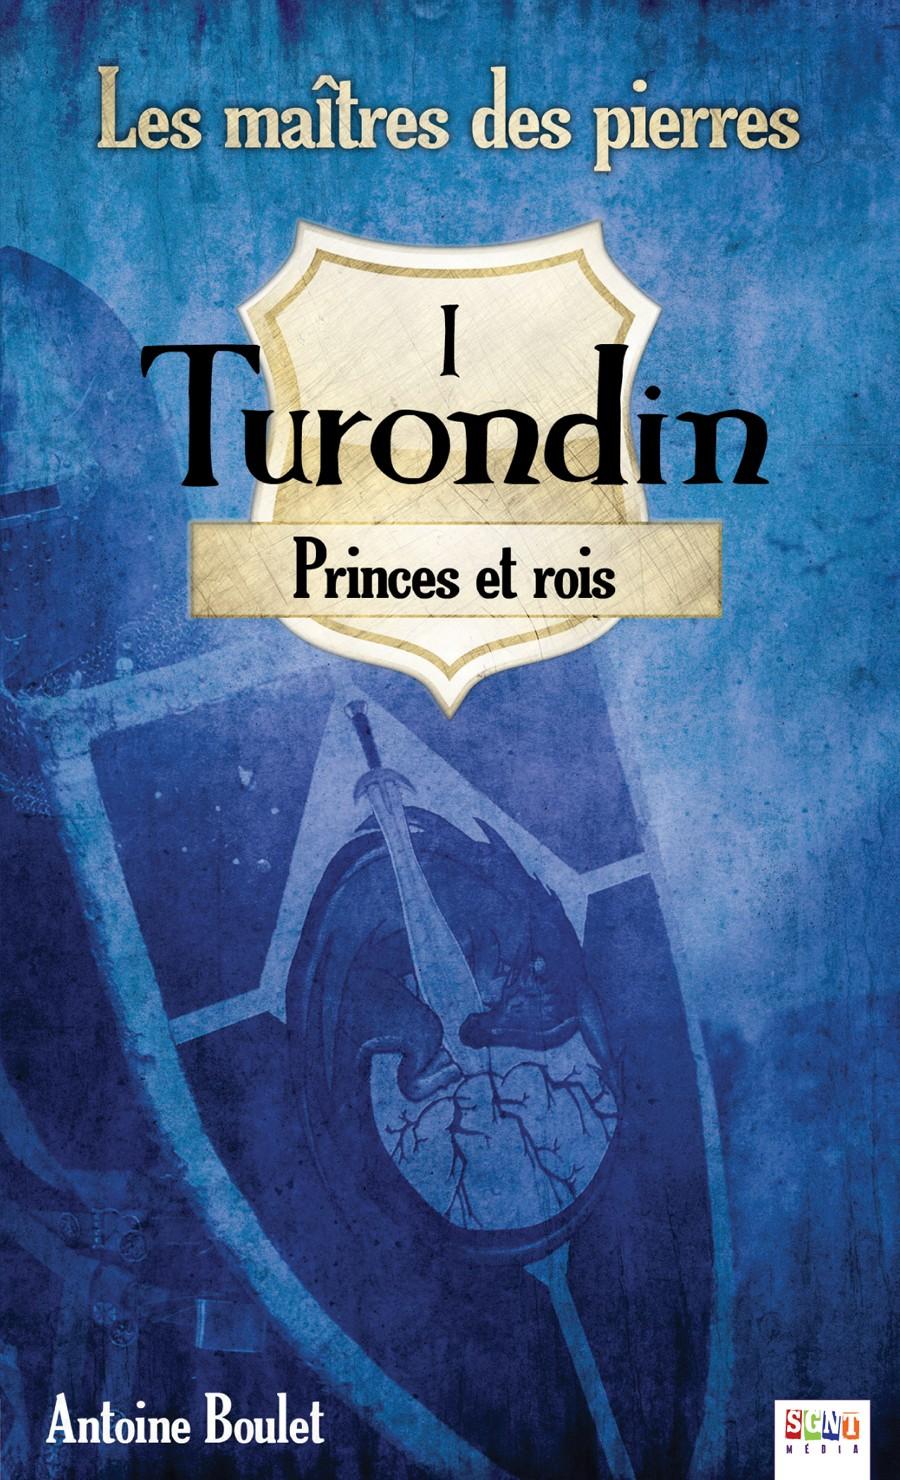 les-ma_tres-des-pierres_1_turondin_prince-et-rois.jpg